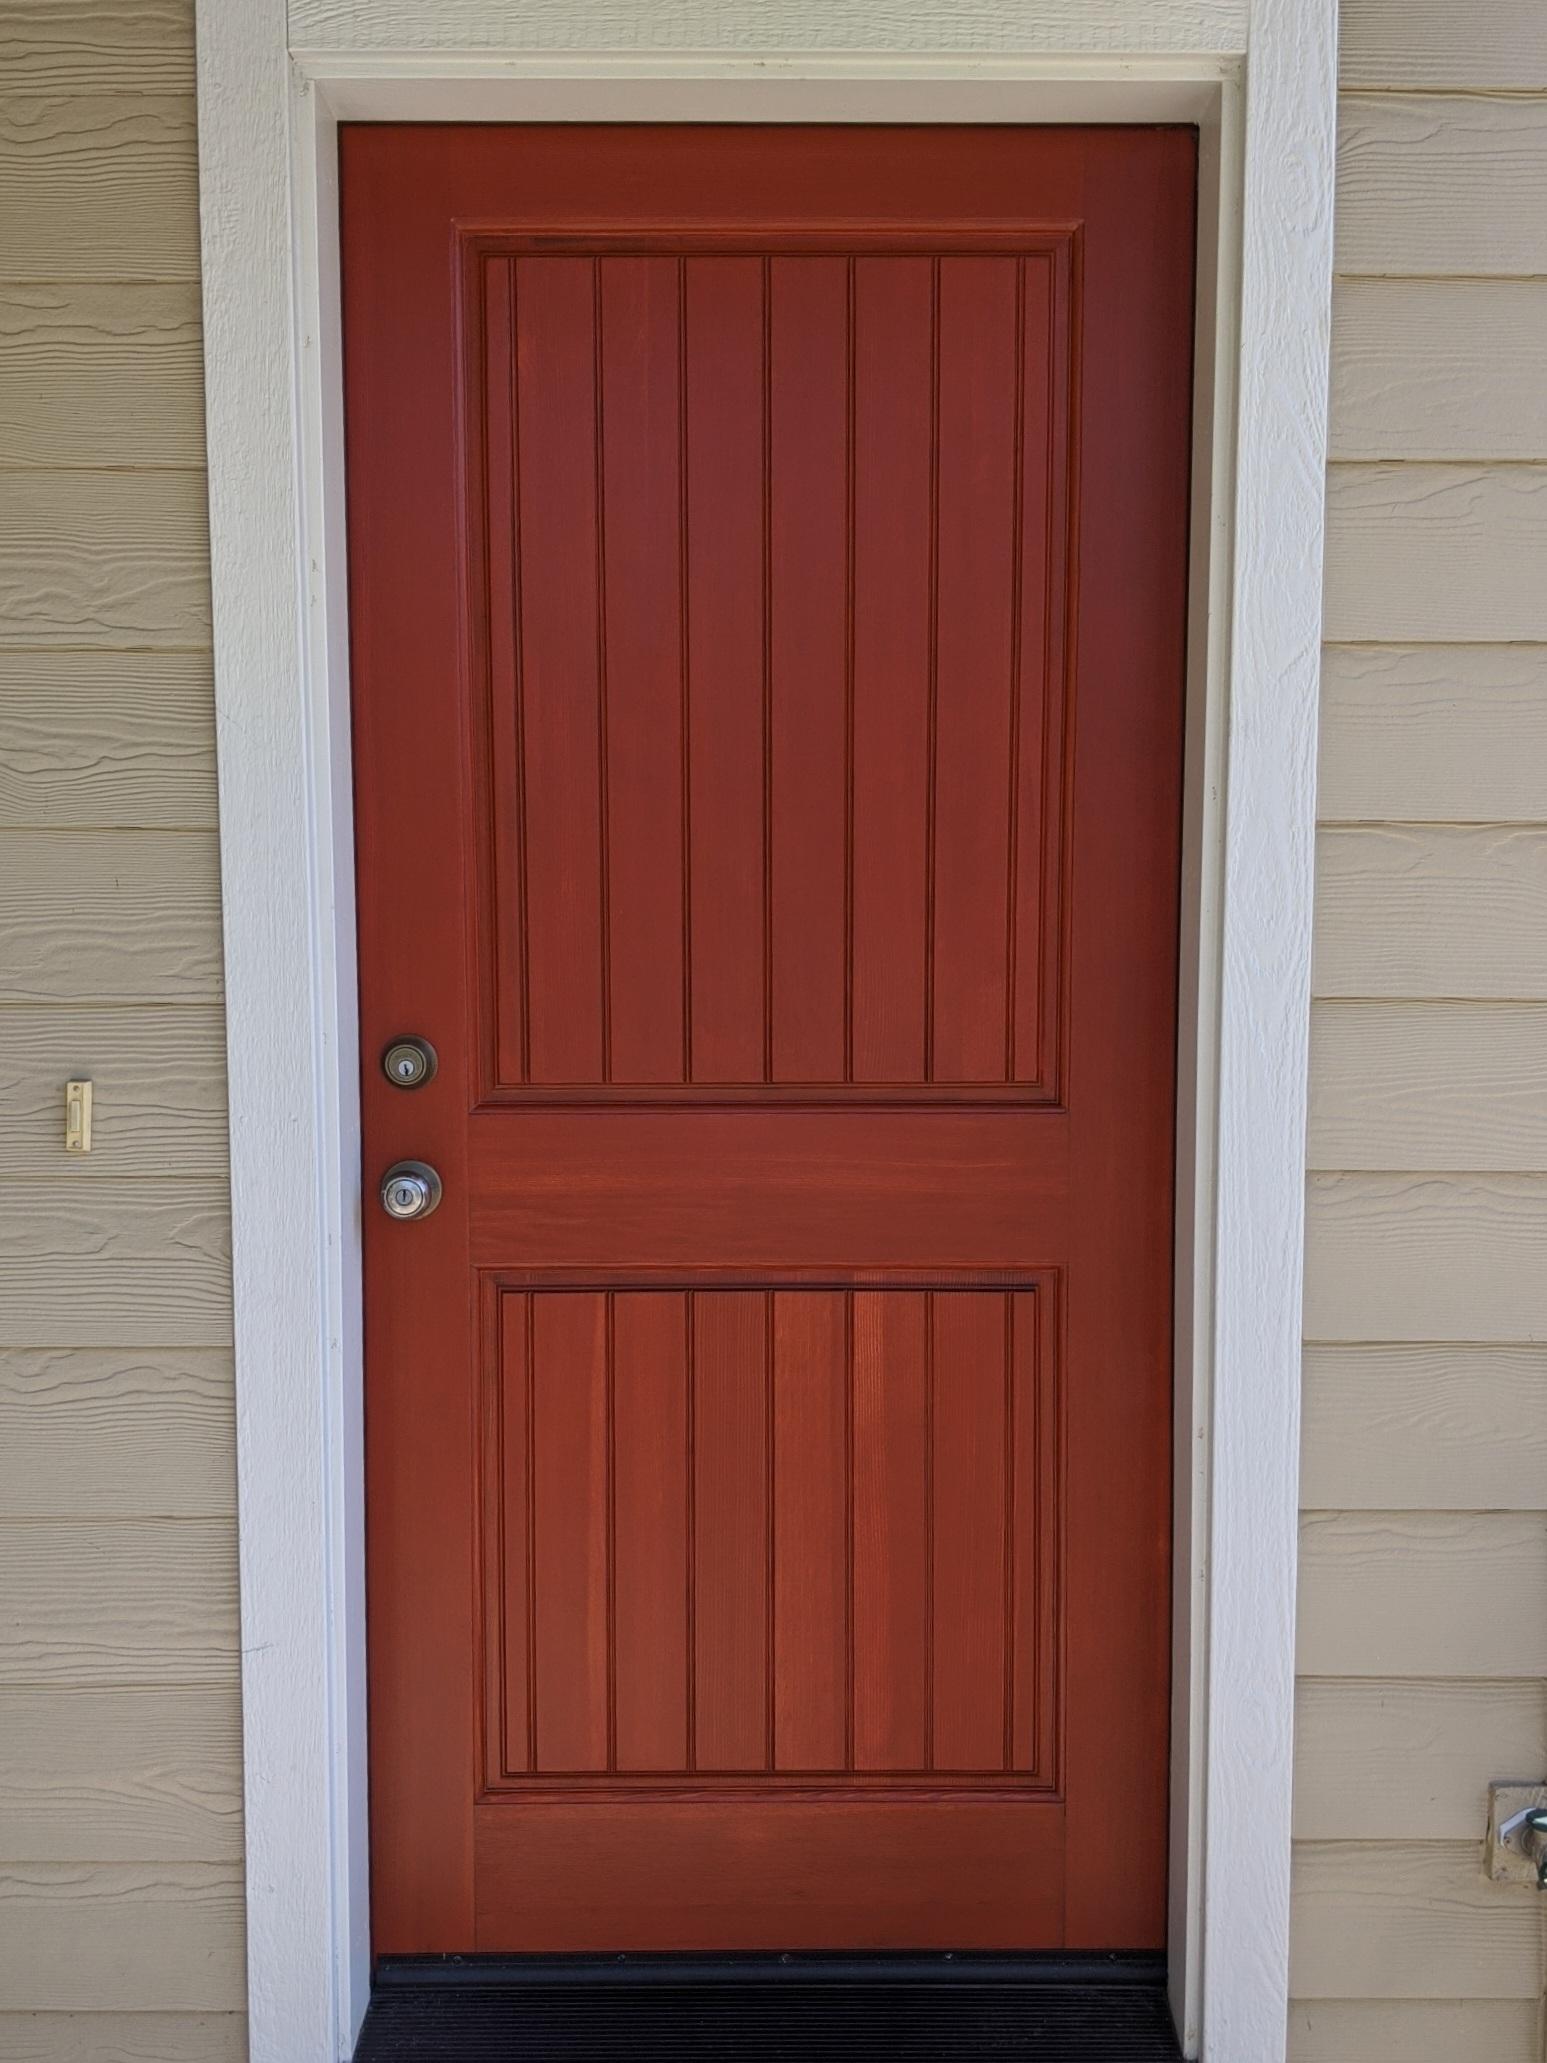 Door Installation Contractor